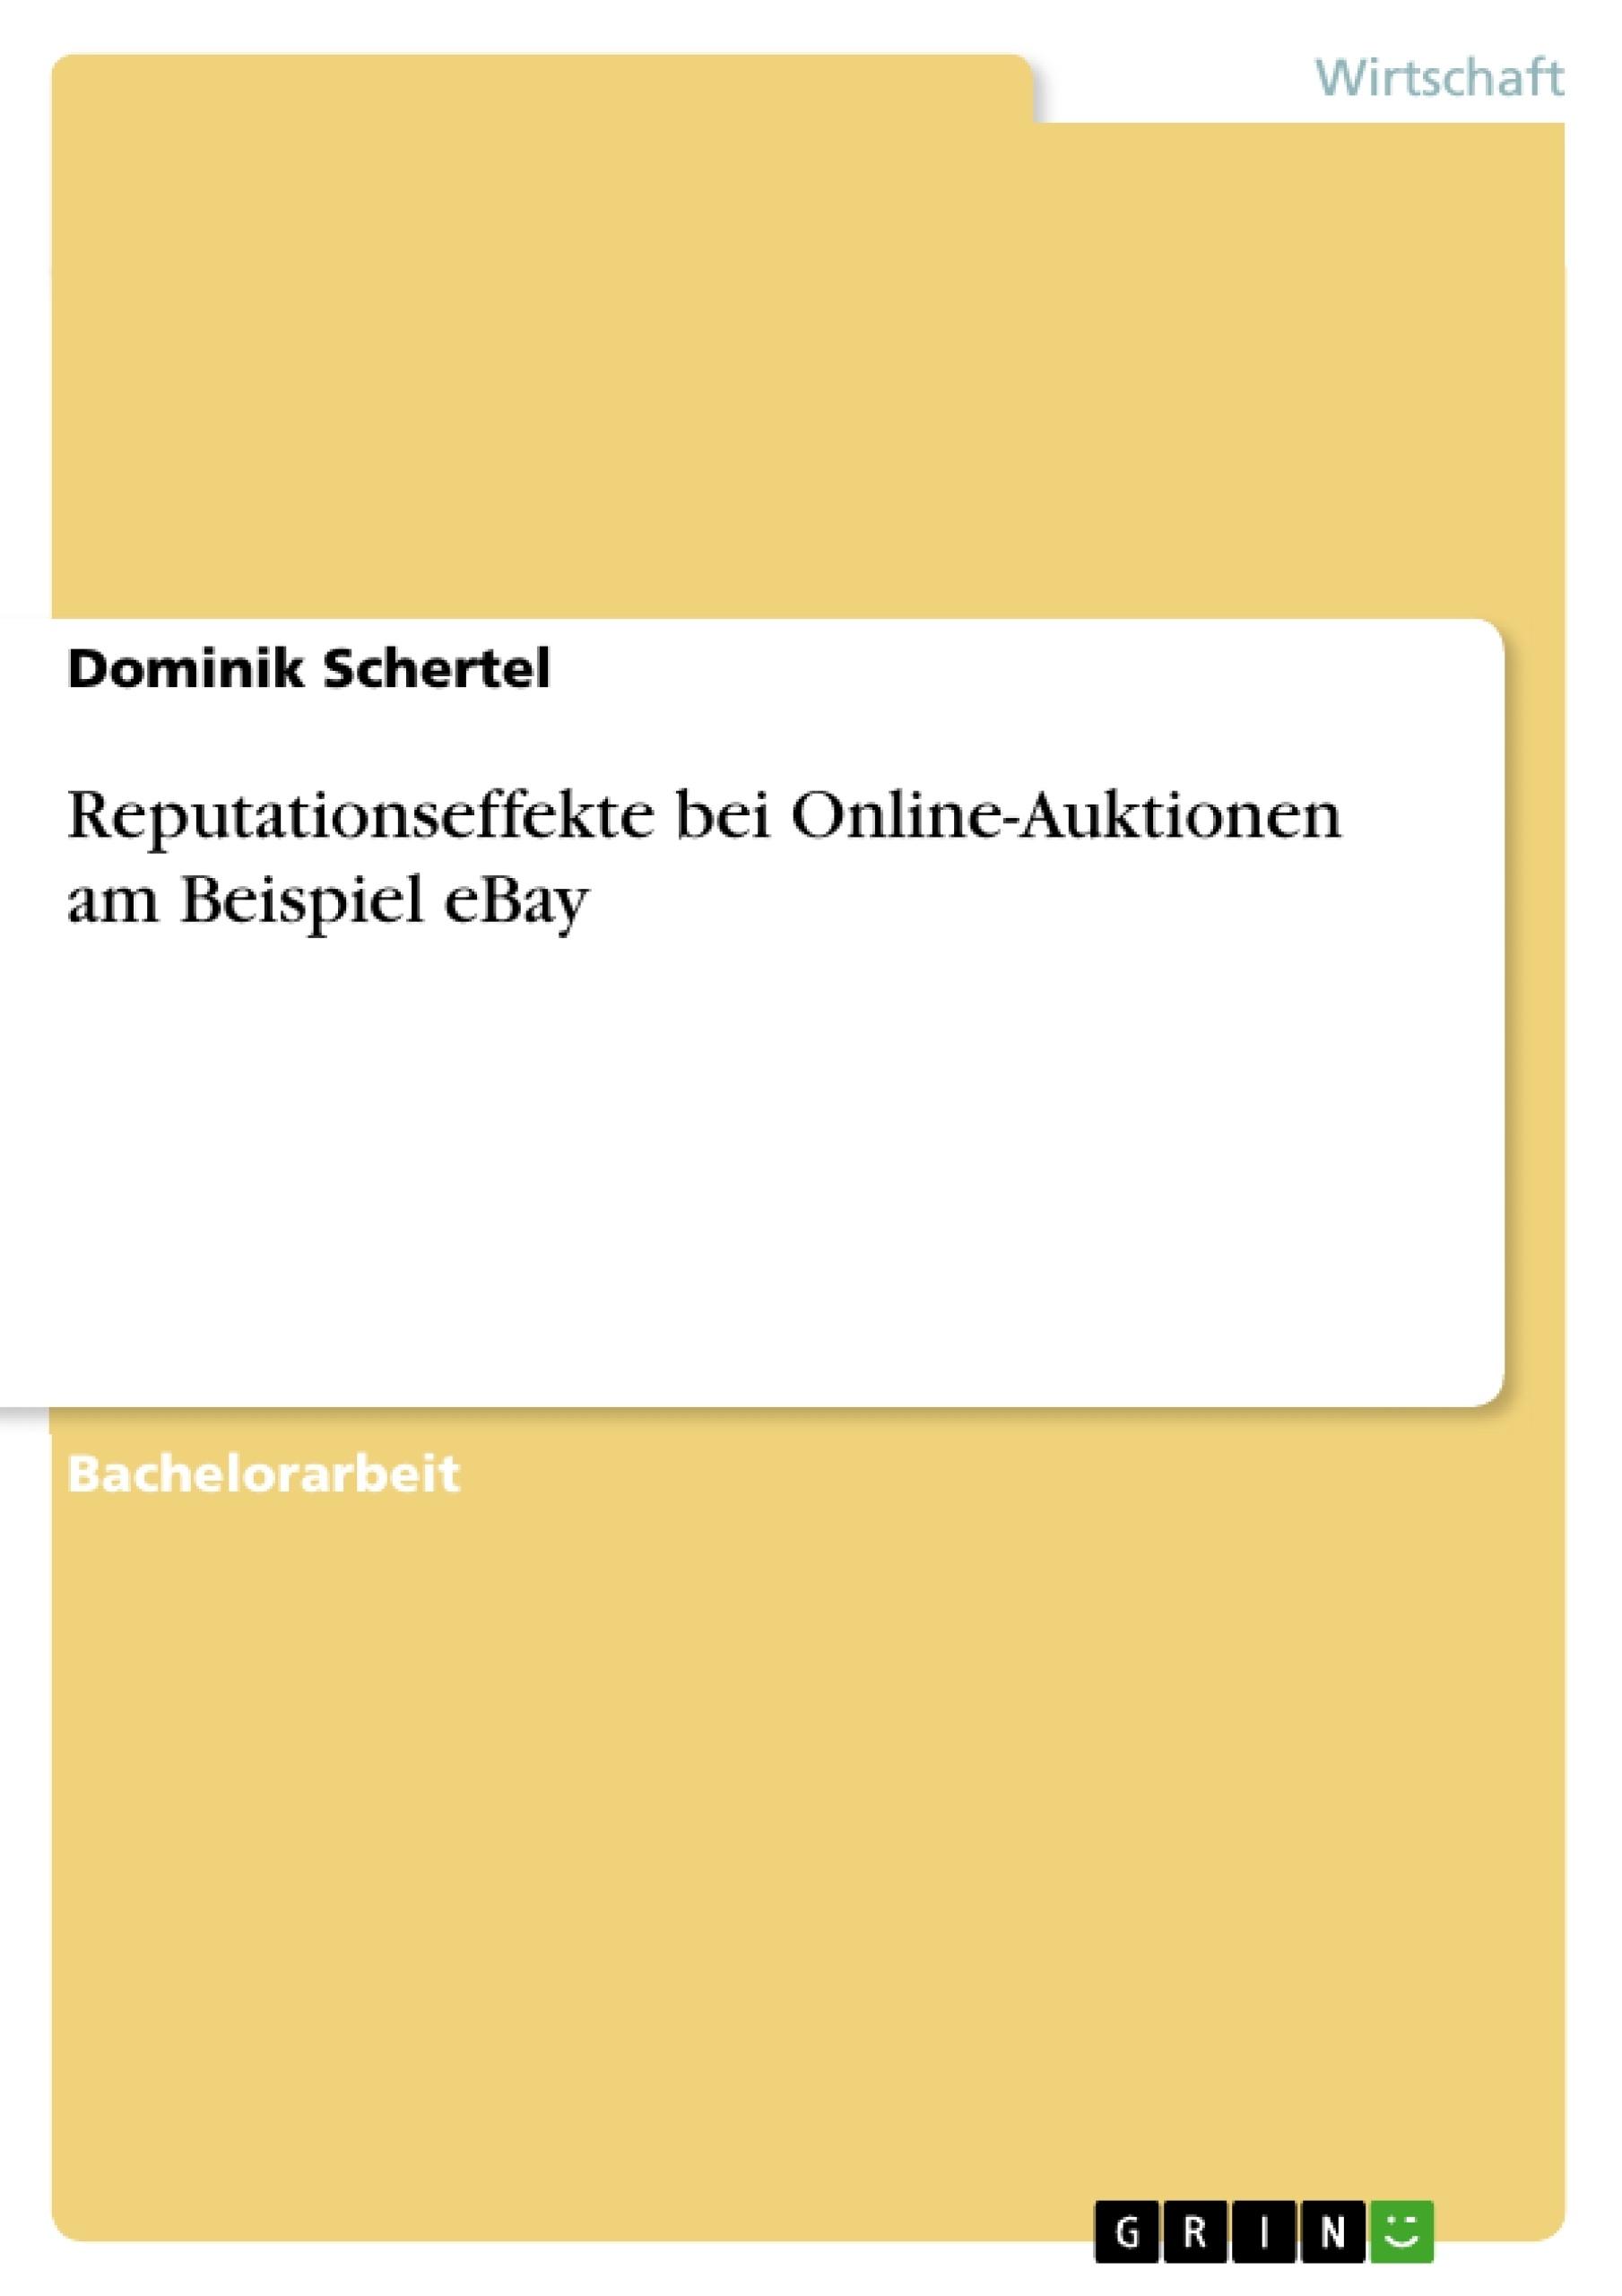 Titel: Reputationseffekte bei Online-Auktionen am Beispiel eBay